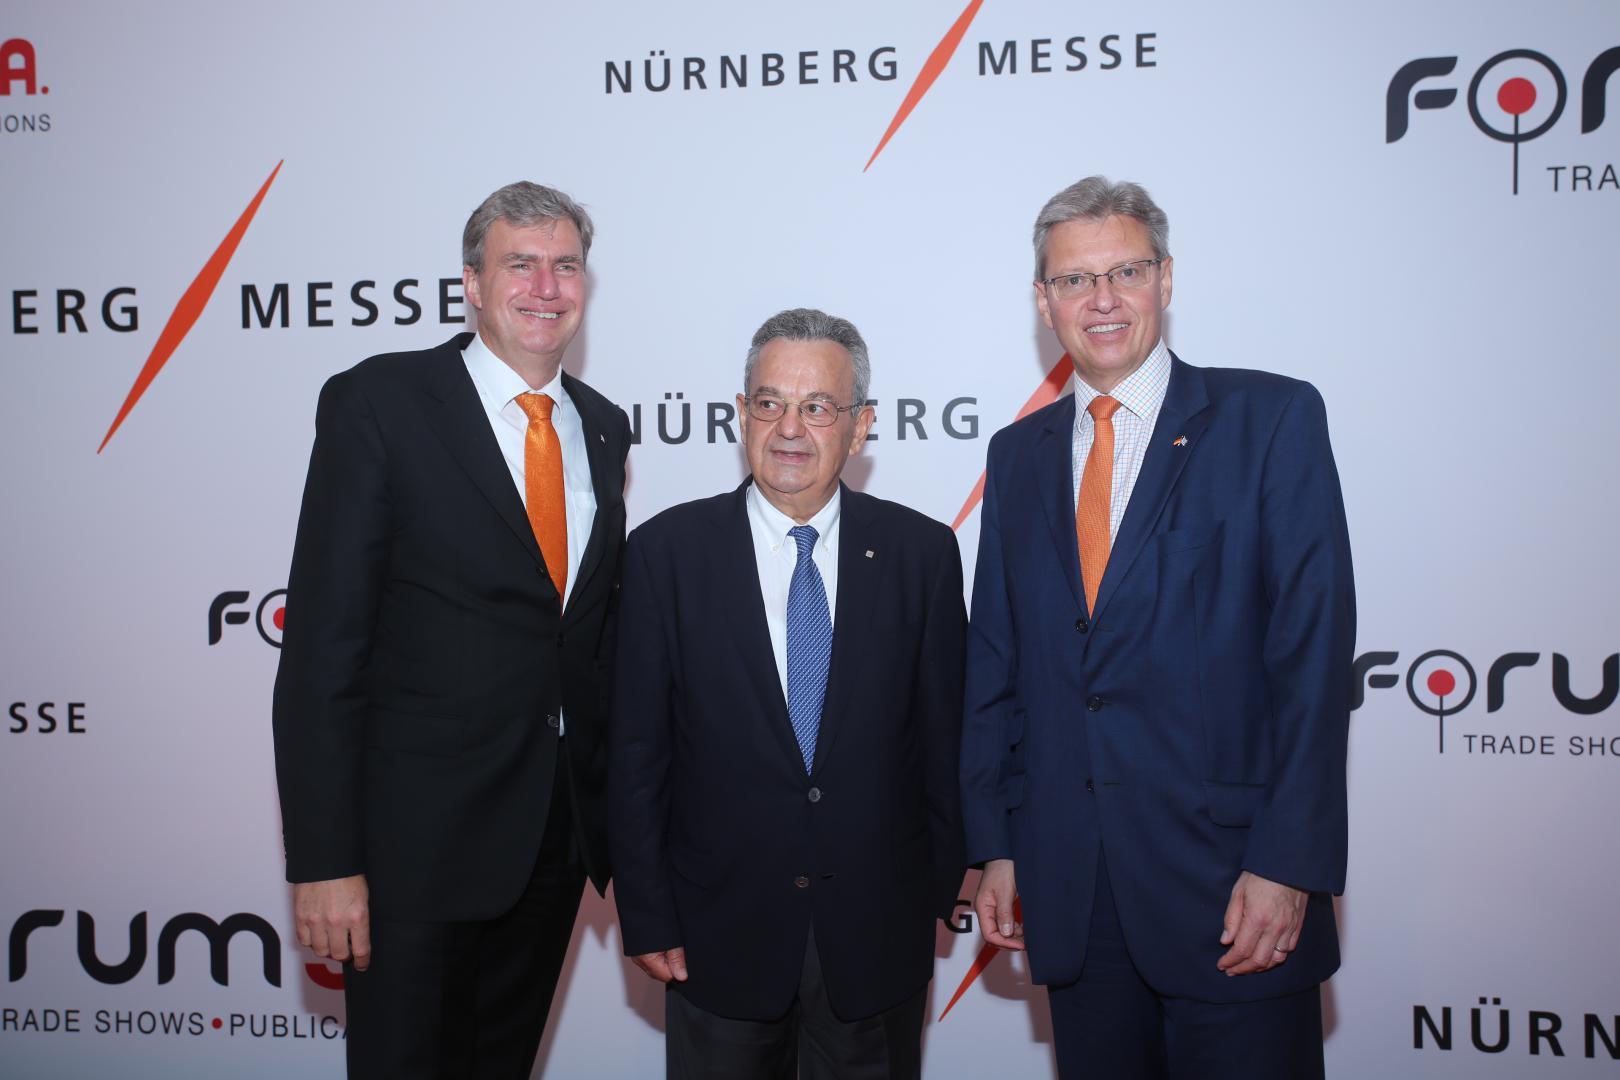 Από αριστερά: Peter Ottmann, CEO NürnbergMesse Group, Nίκος Χουδαλάκης, CEO FORUM SA, Dr. Roland Fleck, CEO NürnbergMesse Group